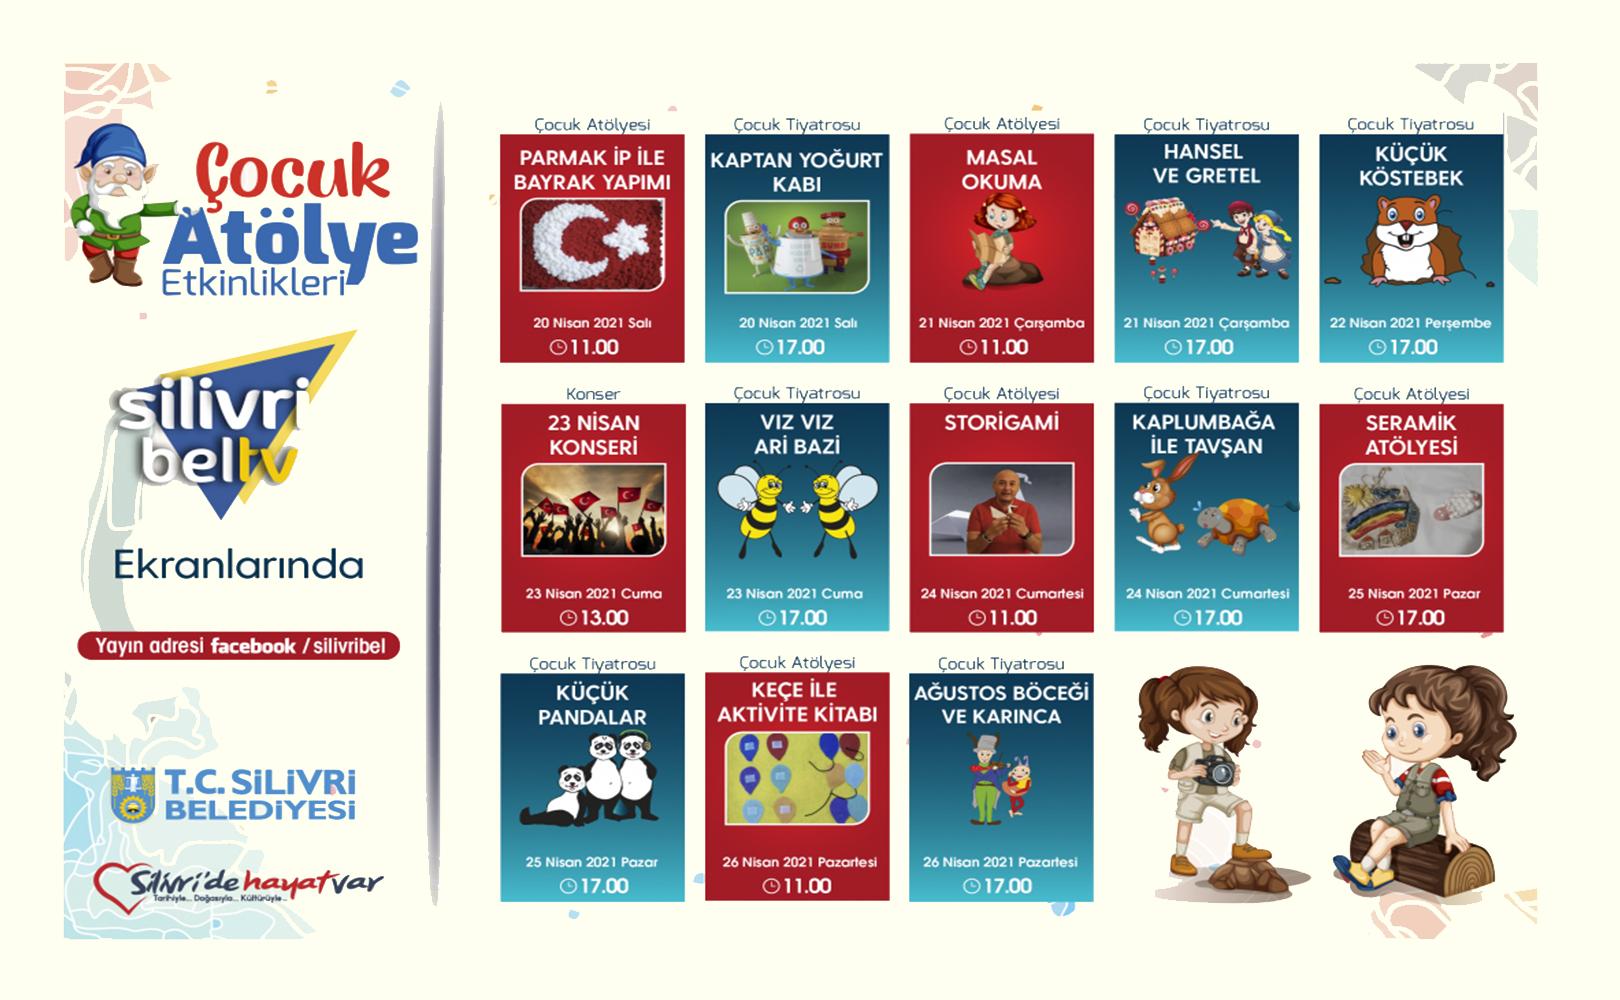 Silivri'de Çocuk Atölyesi ve Çocuk Tiyatrosu Etkinlikleri Başlıyor